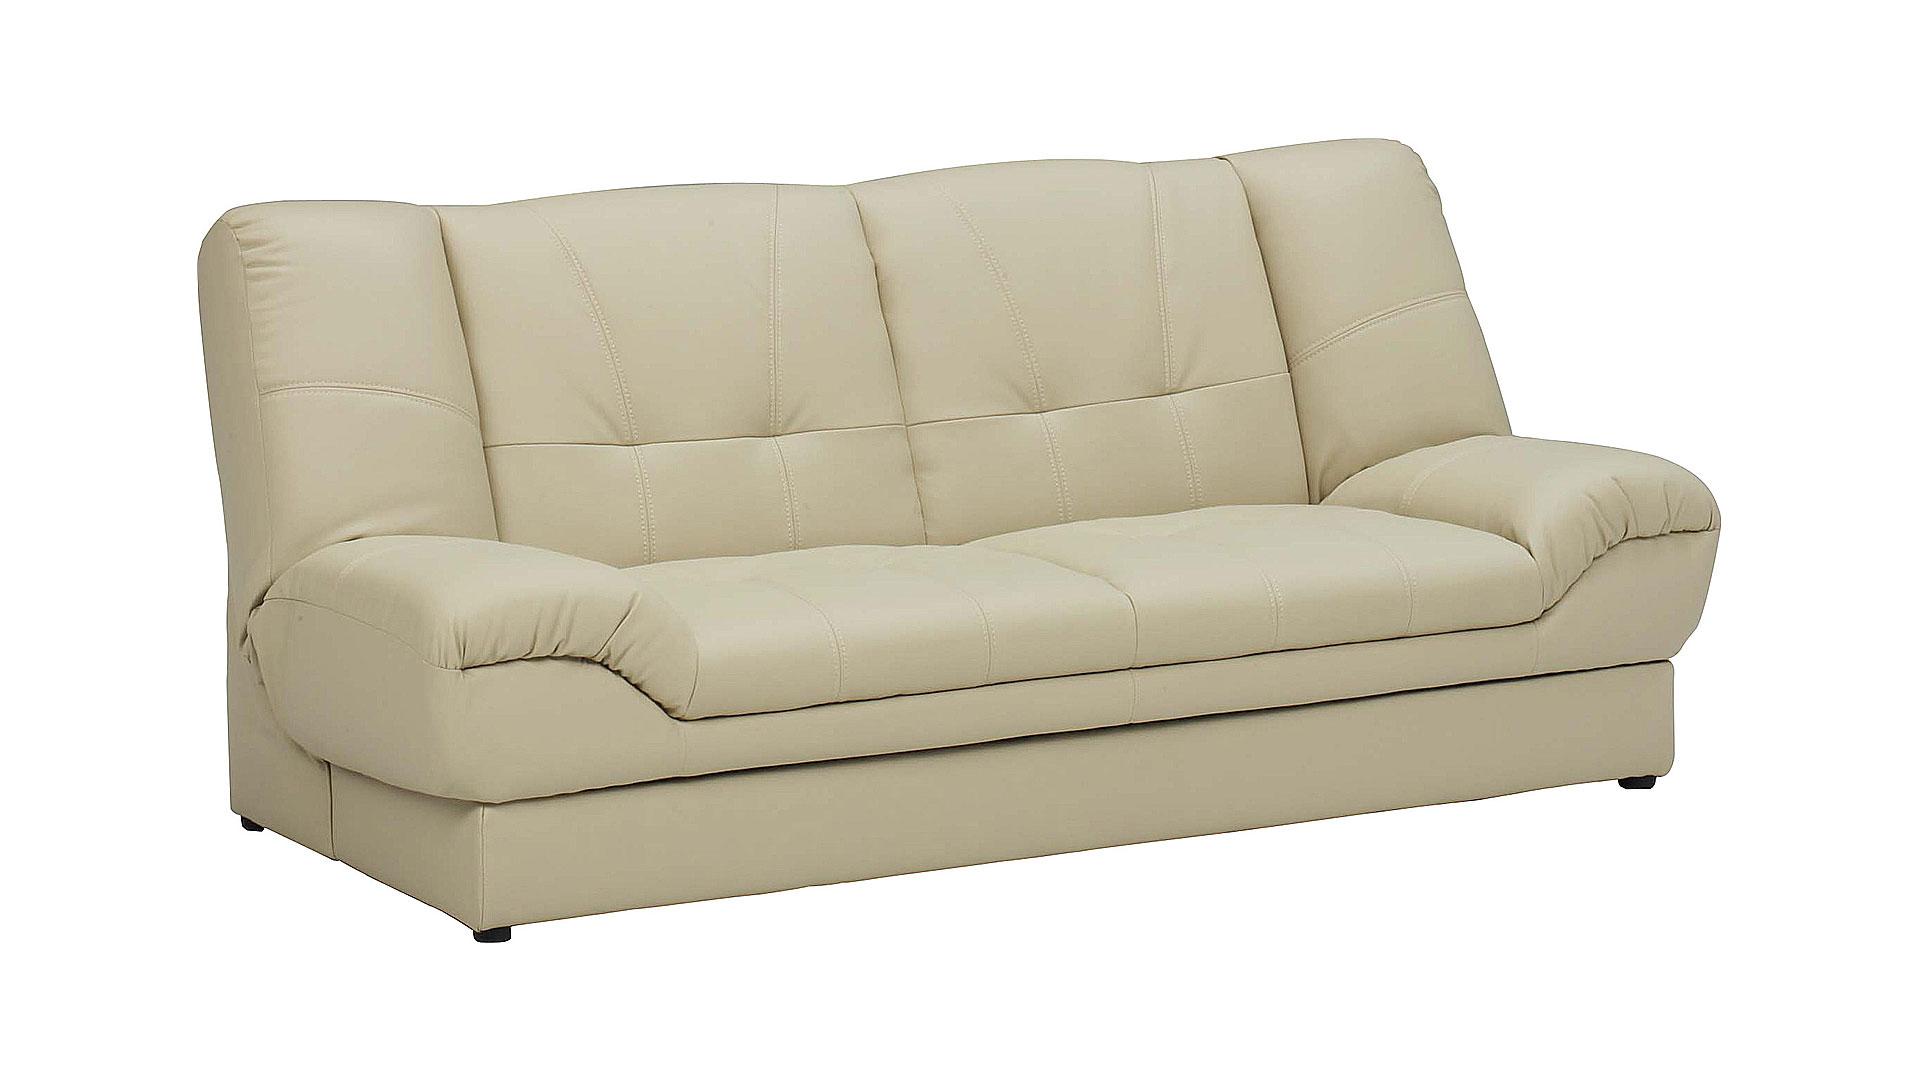 リビンズのソファーベッド「ヌエベ」のベージュの画像